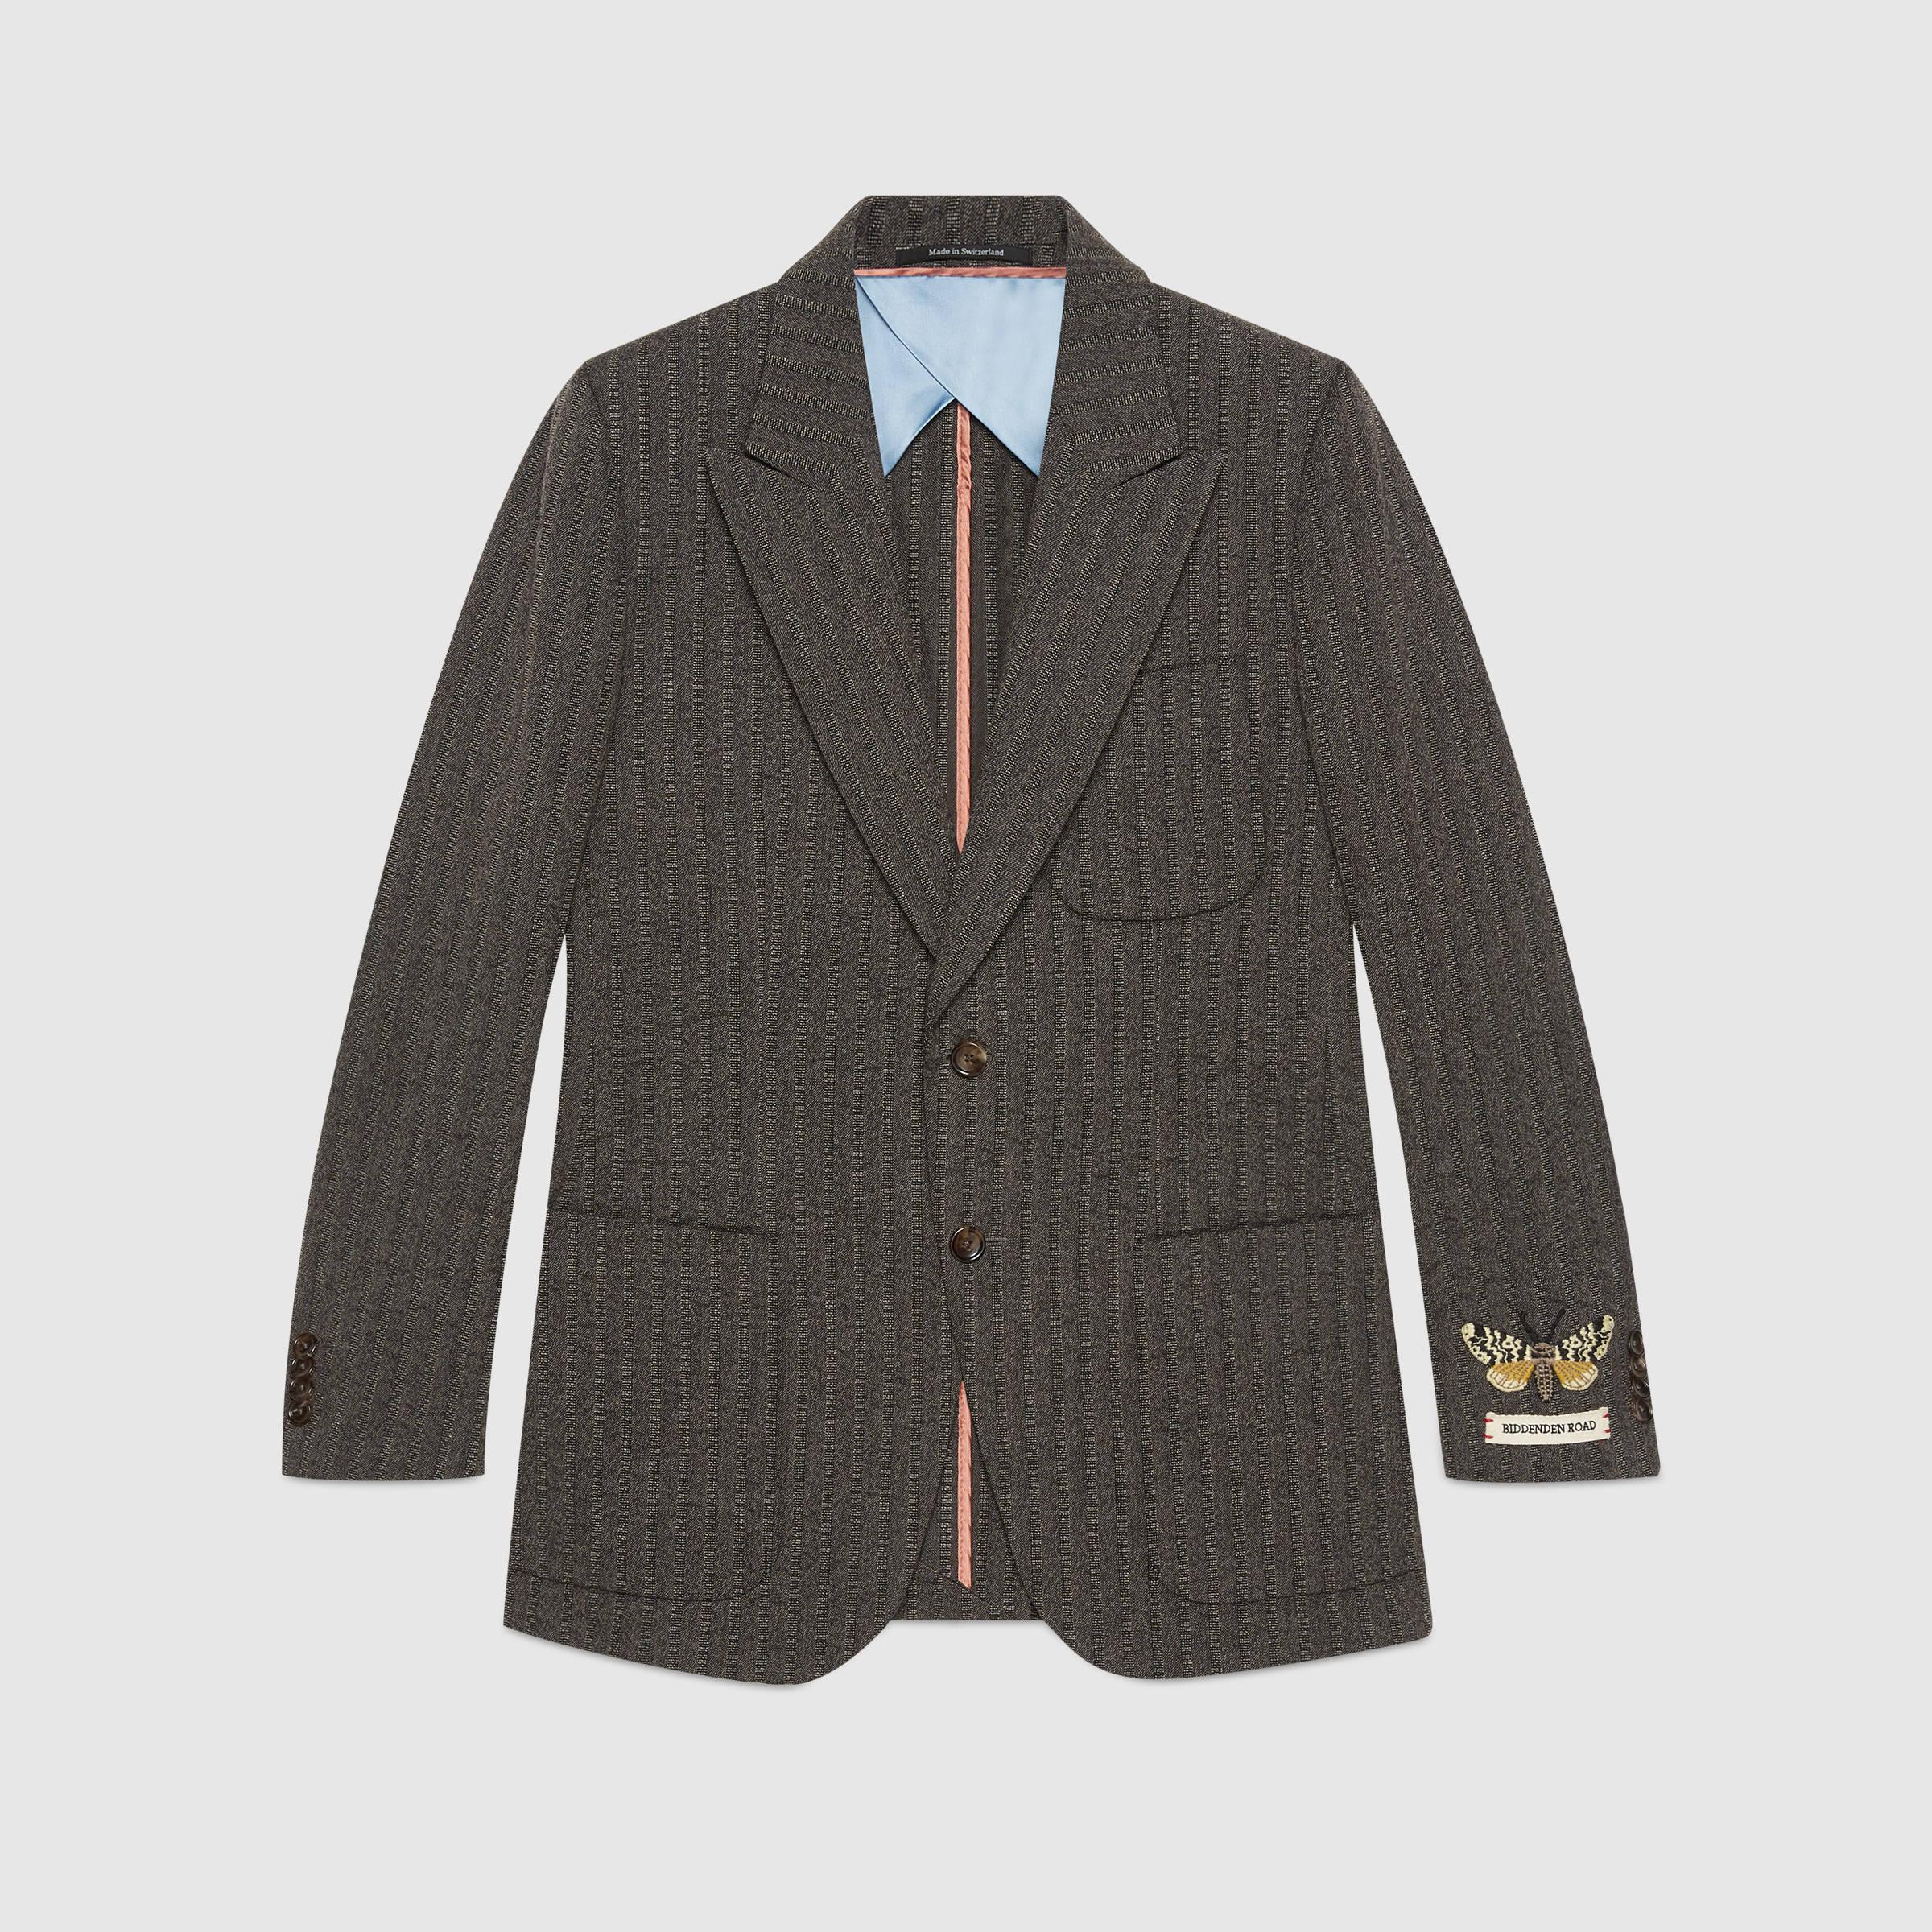 41618_486390_Z455G_1165_001_100_0000_Light-Embroidered-seersucker-slim-jacket.jpg